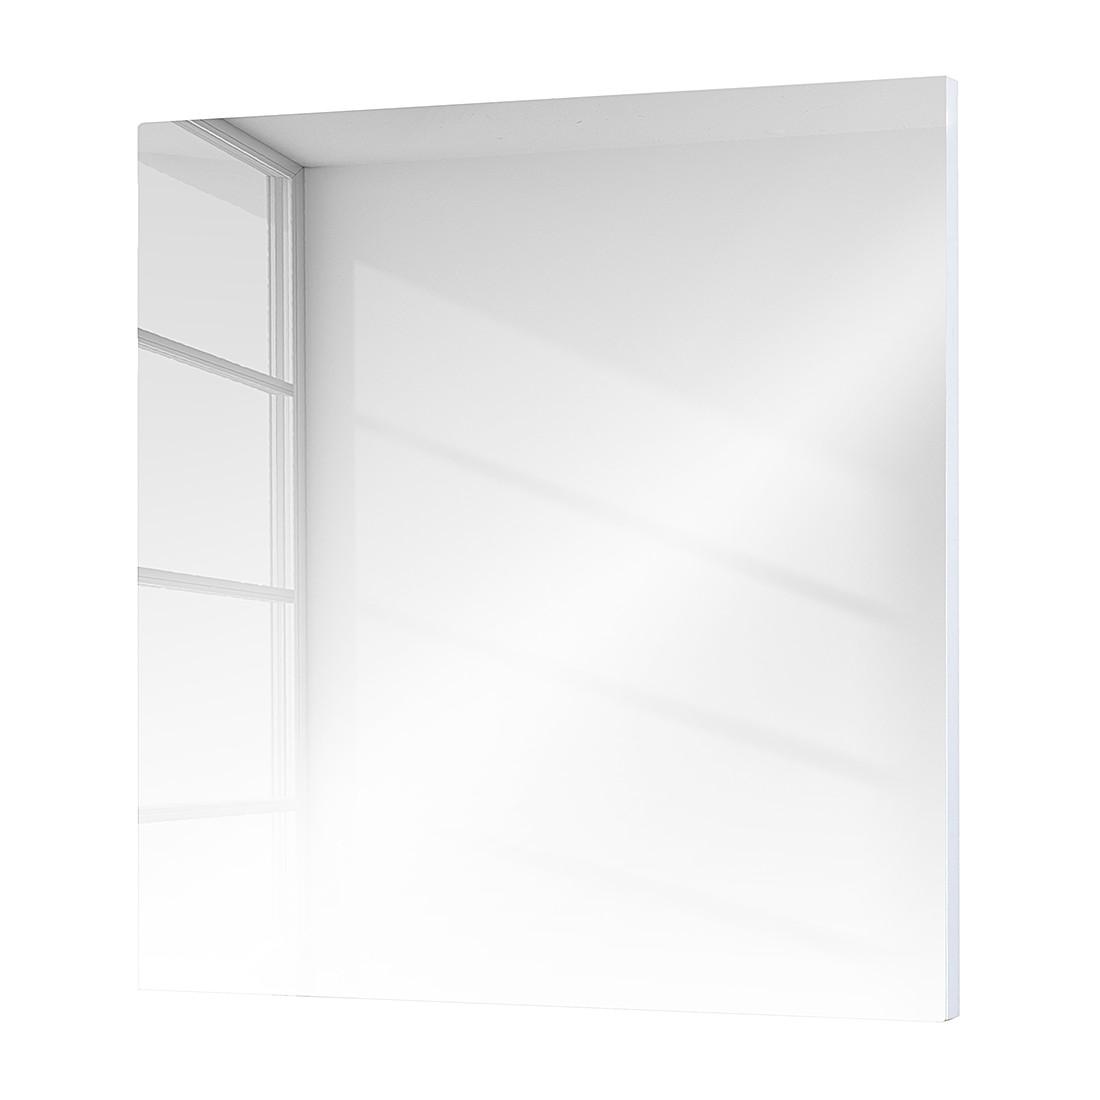 Wandspiegel mit rahmen preisvergleiche for Spiegel suche